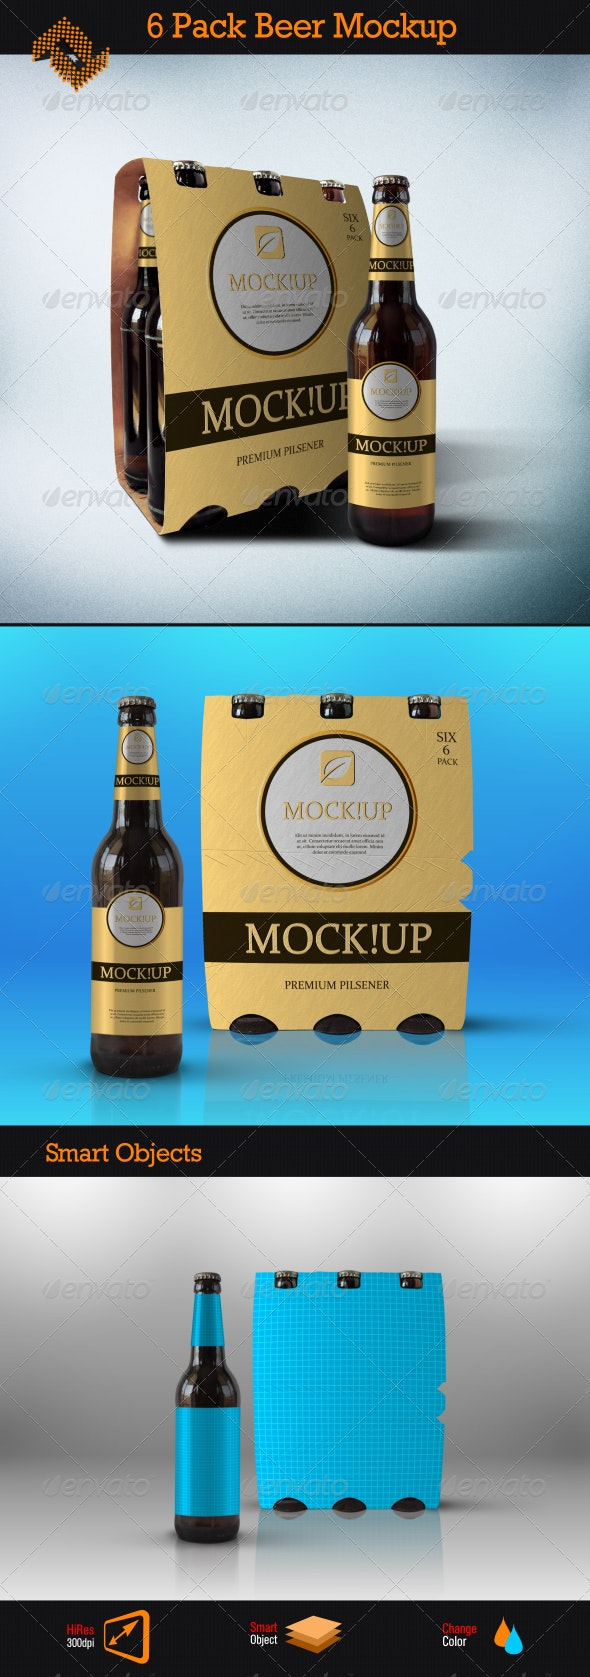 6 Pack Beer Mockup - Food and Drink Packaging